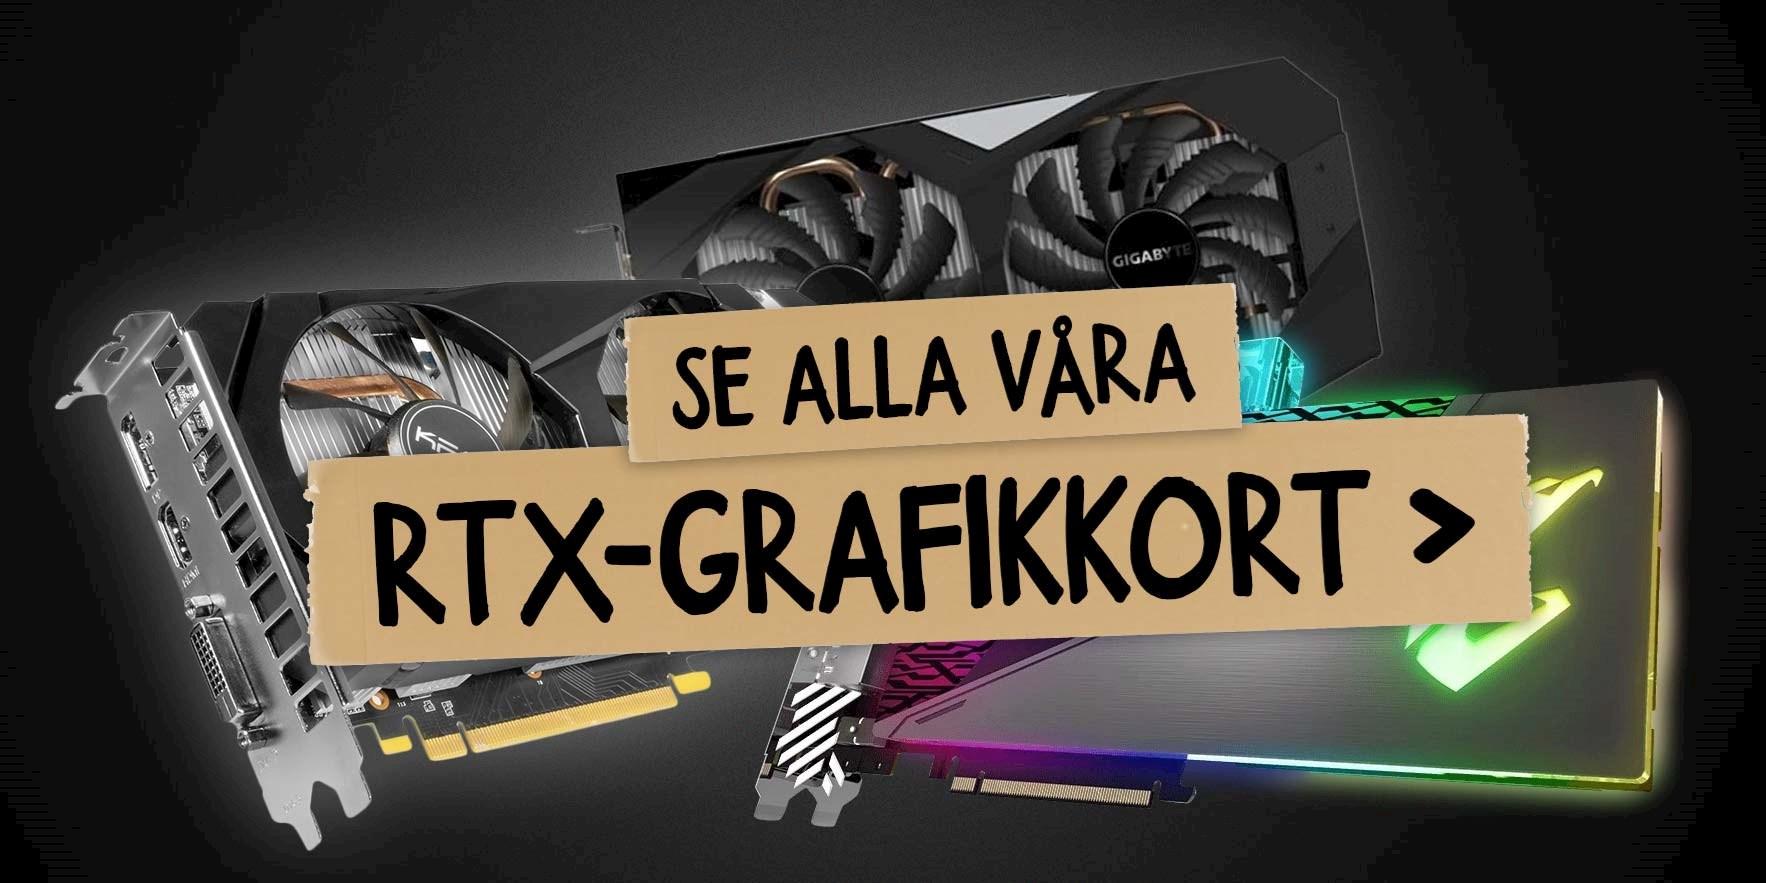 GeForce RTX grafikkort